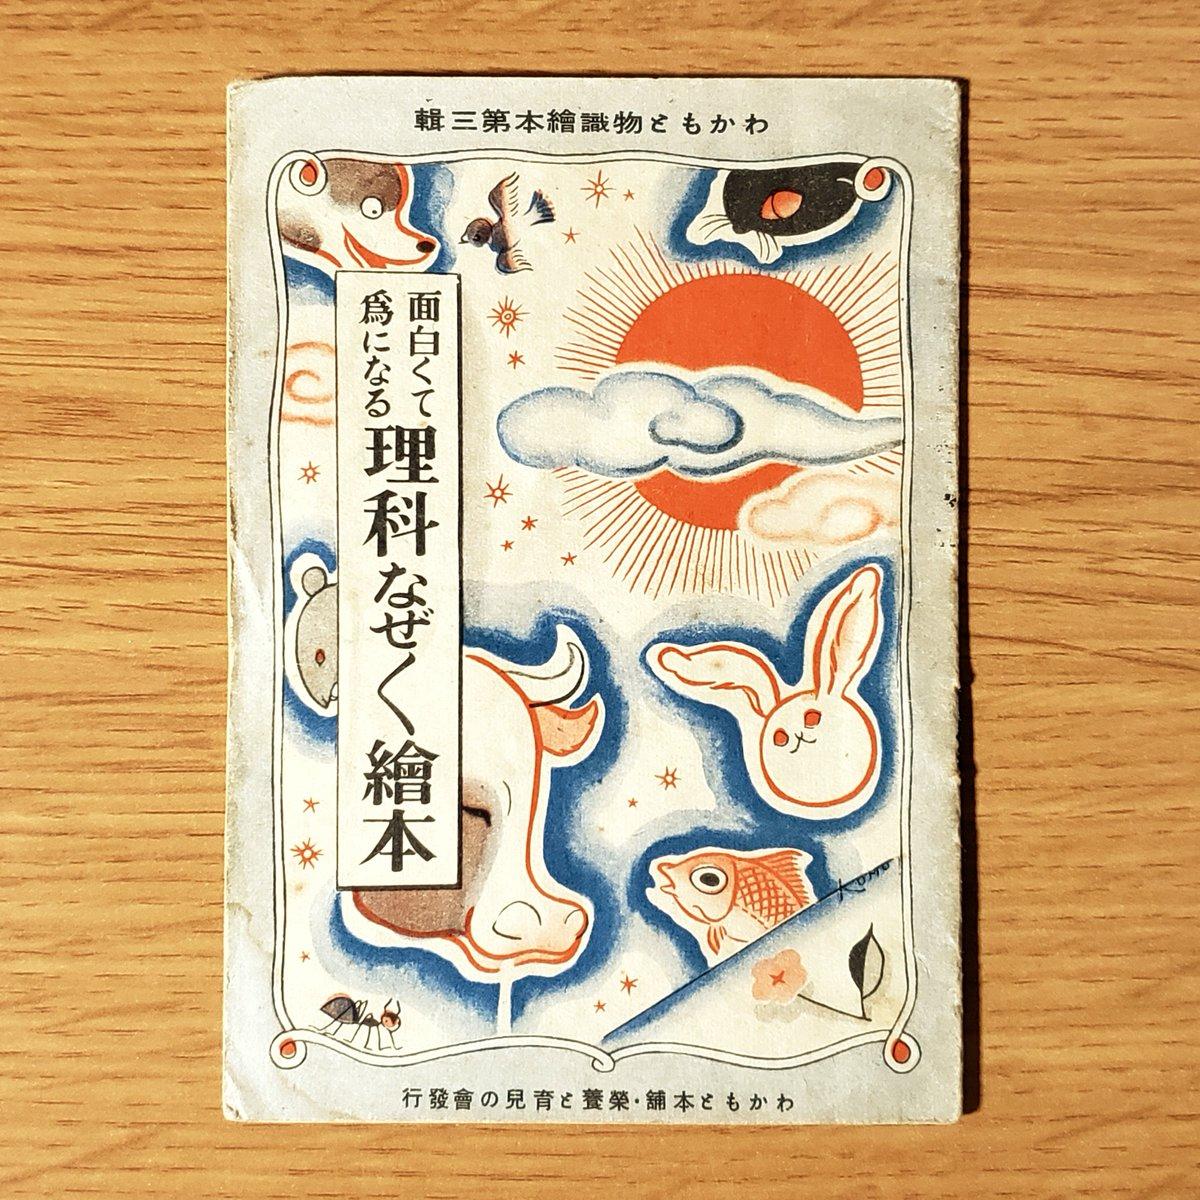 """Twitter पर PICOROCO: """"今日買った薄くて小さい本。『面白くて為に ..."""